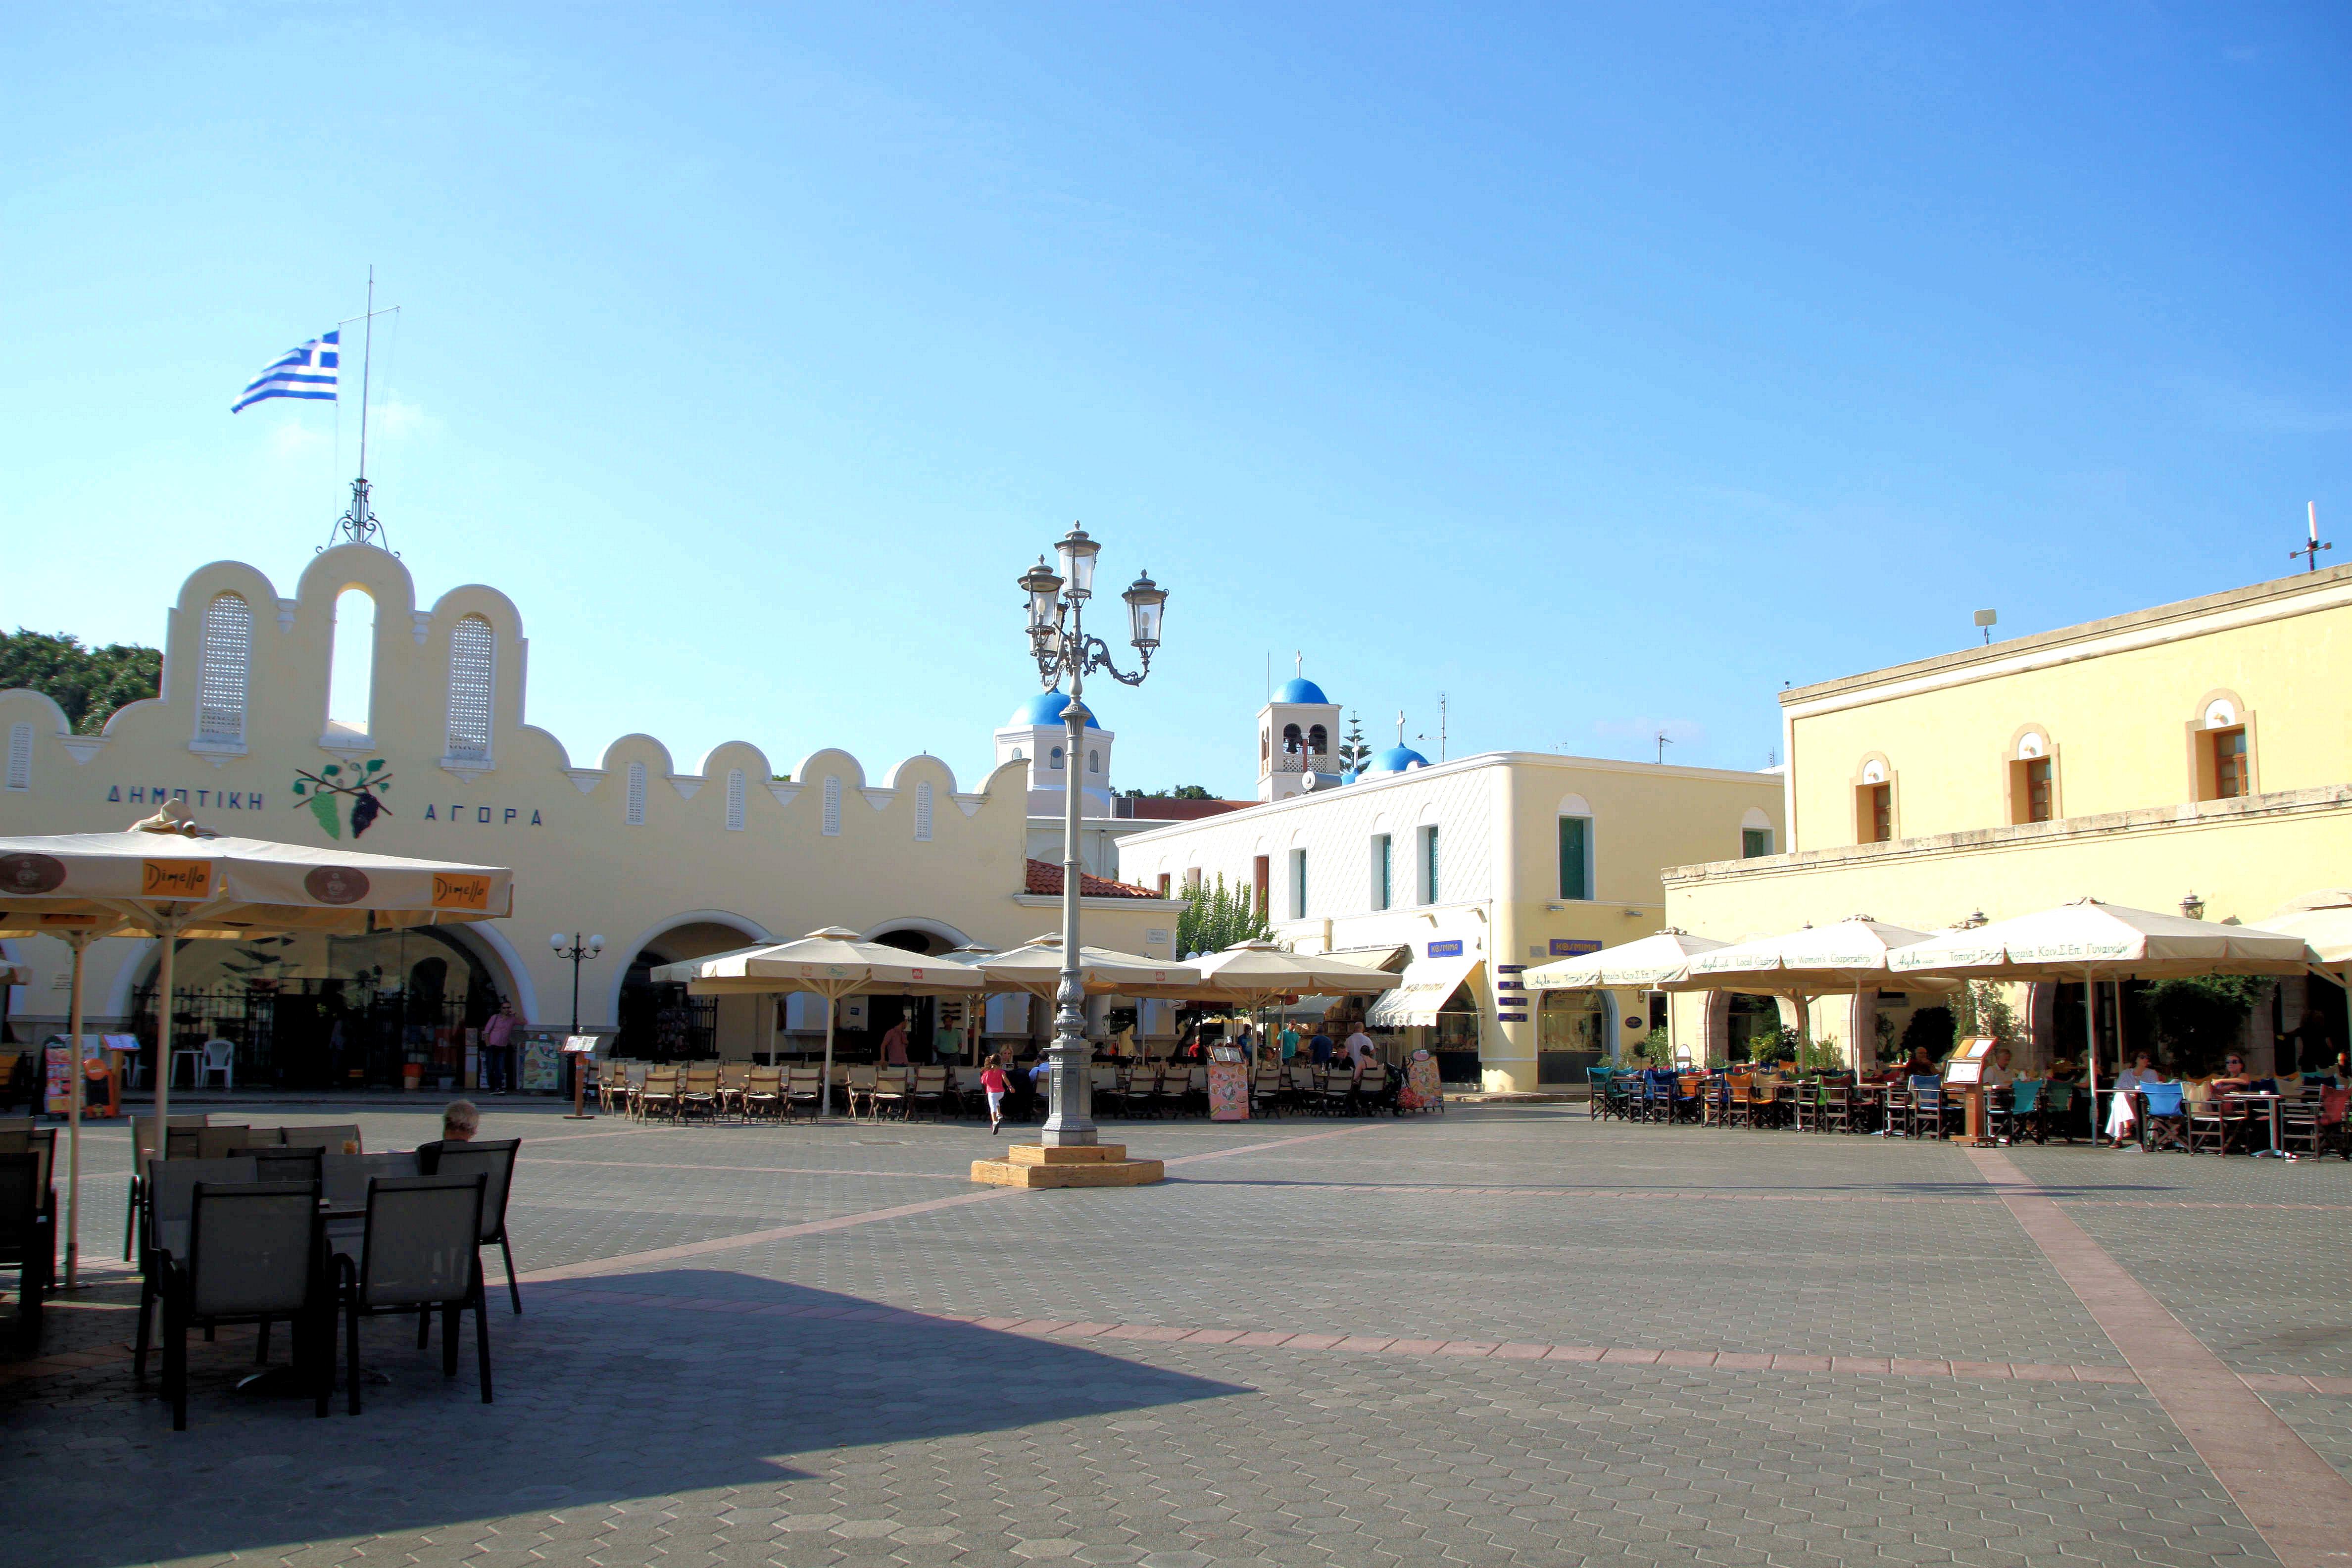 Kosin vanhasta kaupungista löytyy paljon kivoja kävelykatuja, aukio kahviloineen, kivoja ravintoloita ja pieniä kauppoja.